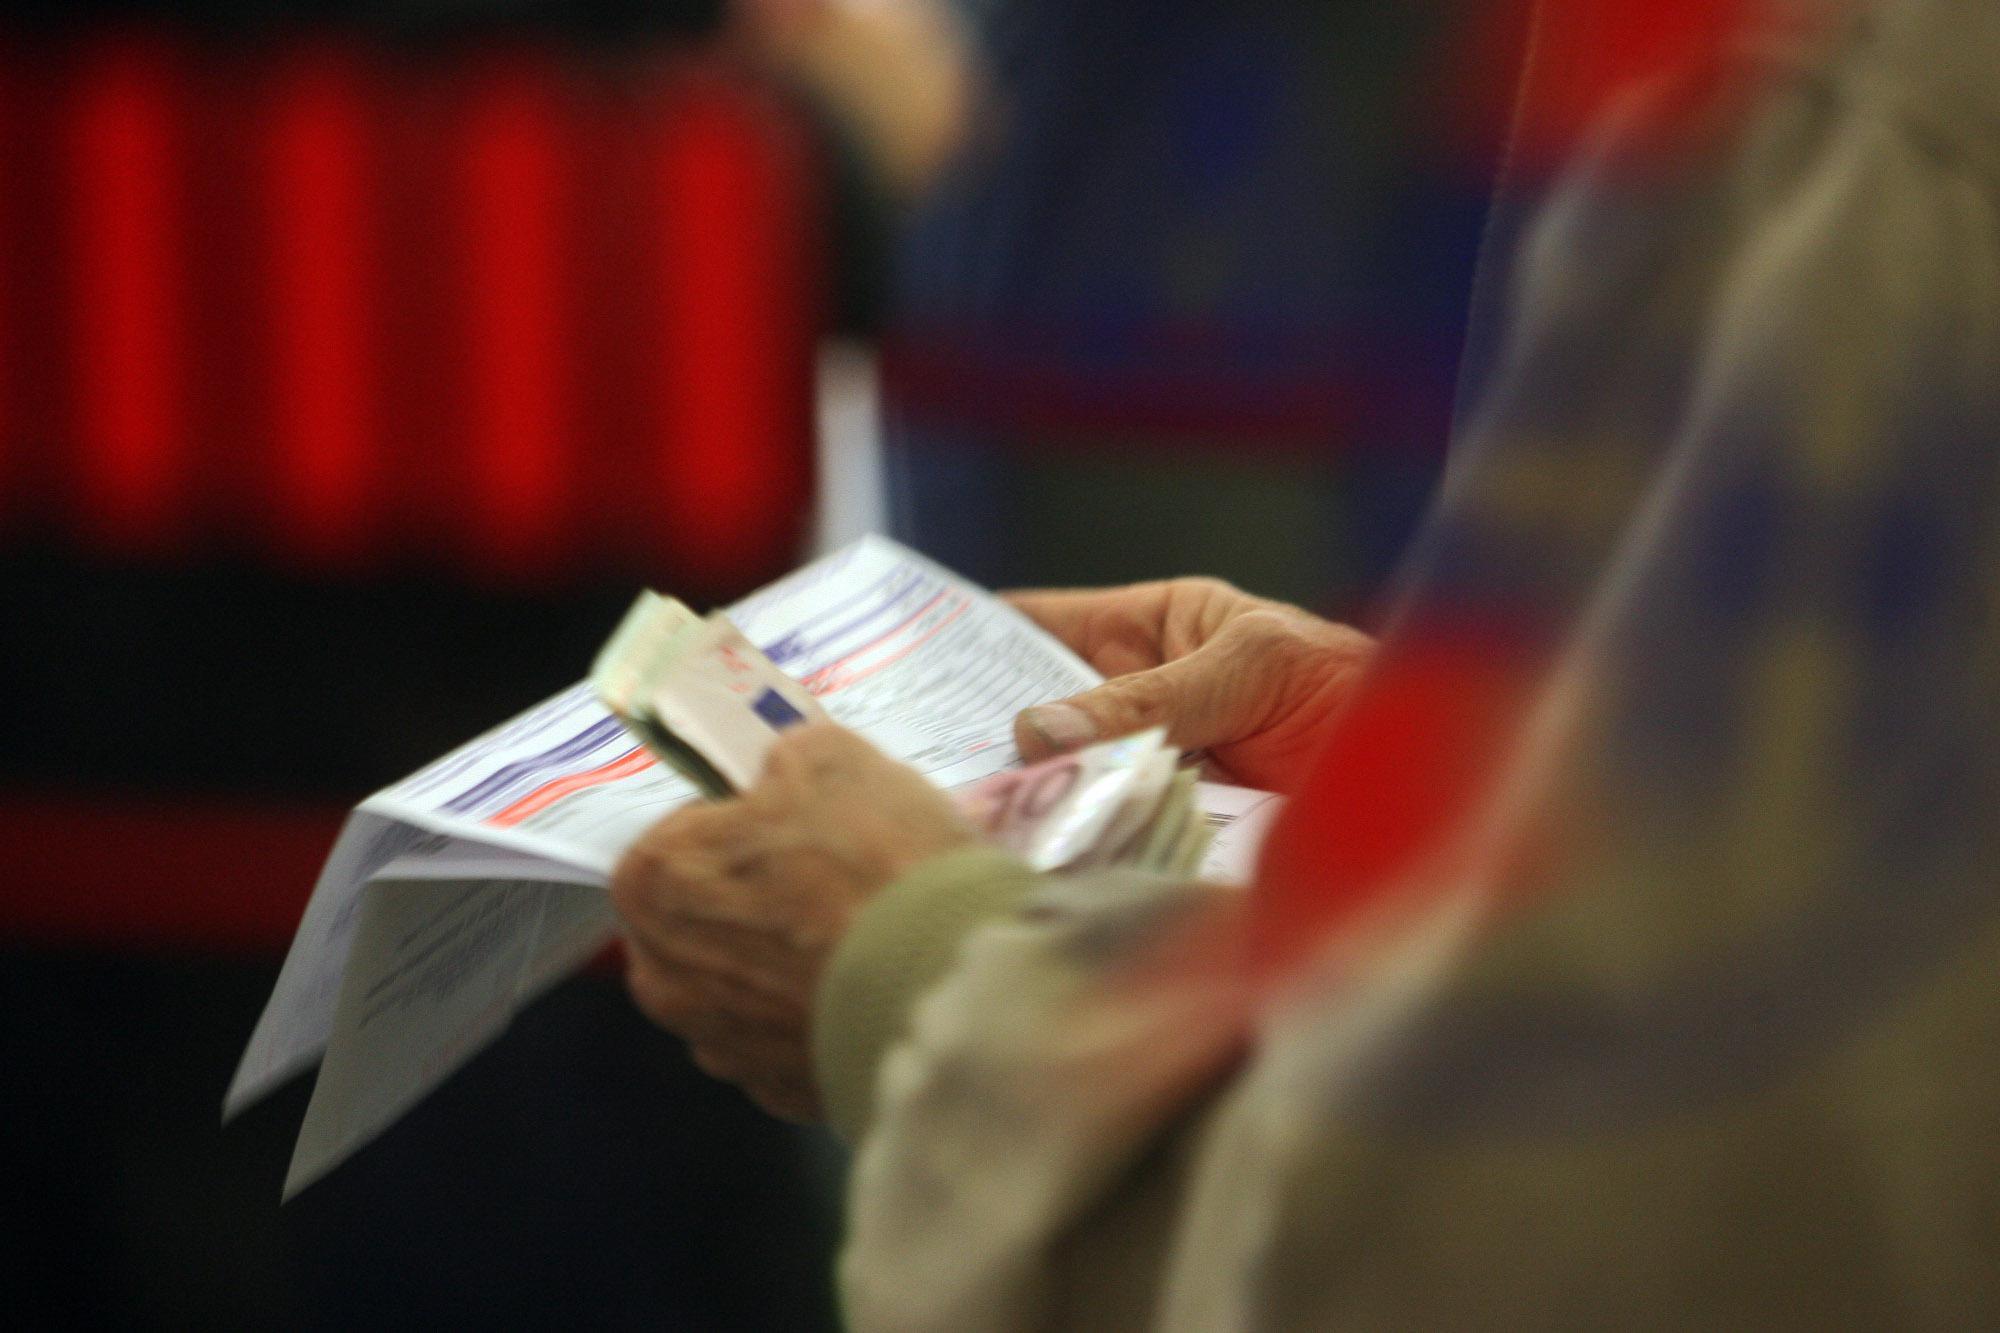 ΔΕΗ: Έρχονται αυξήσεις στους λογαριασμούς λόγω ρύπων